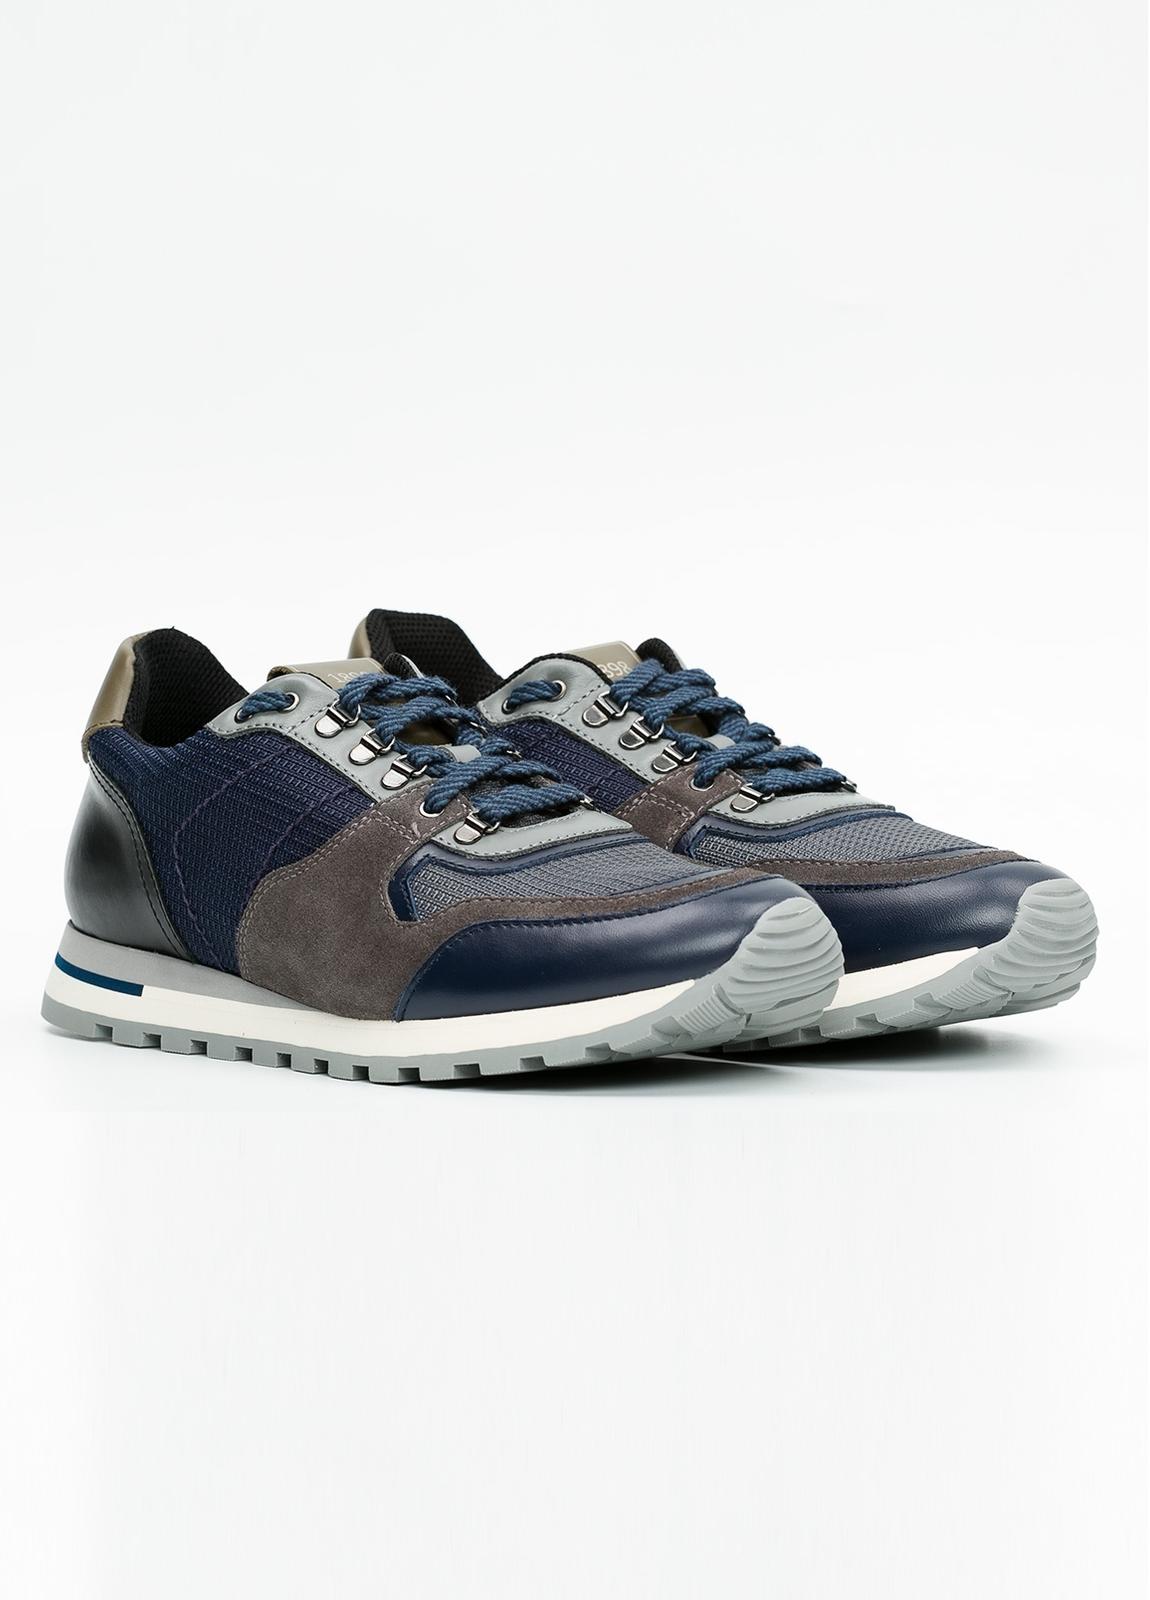 Zapato Sport Wear, color marrón, azul y negro. Combinación de piel, serraje y tejido técnico. - Ítem3